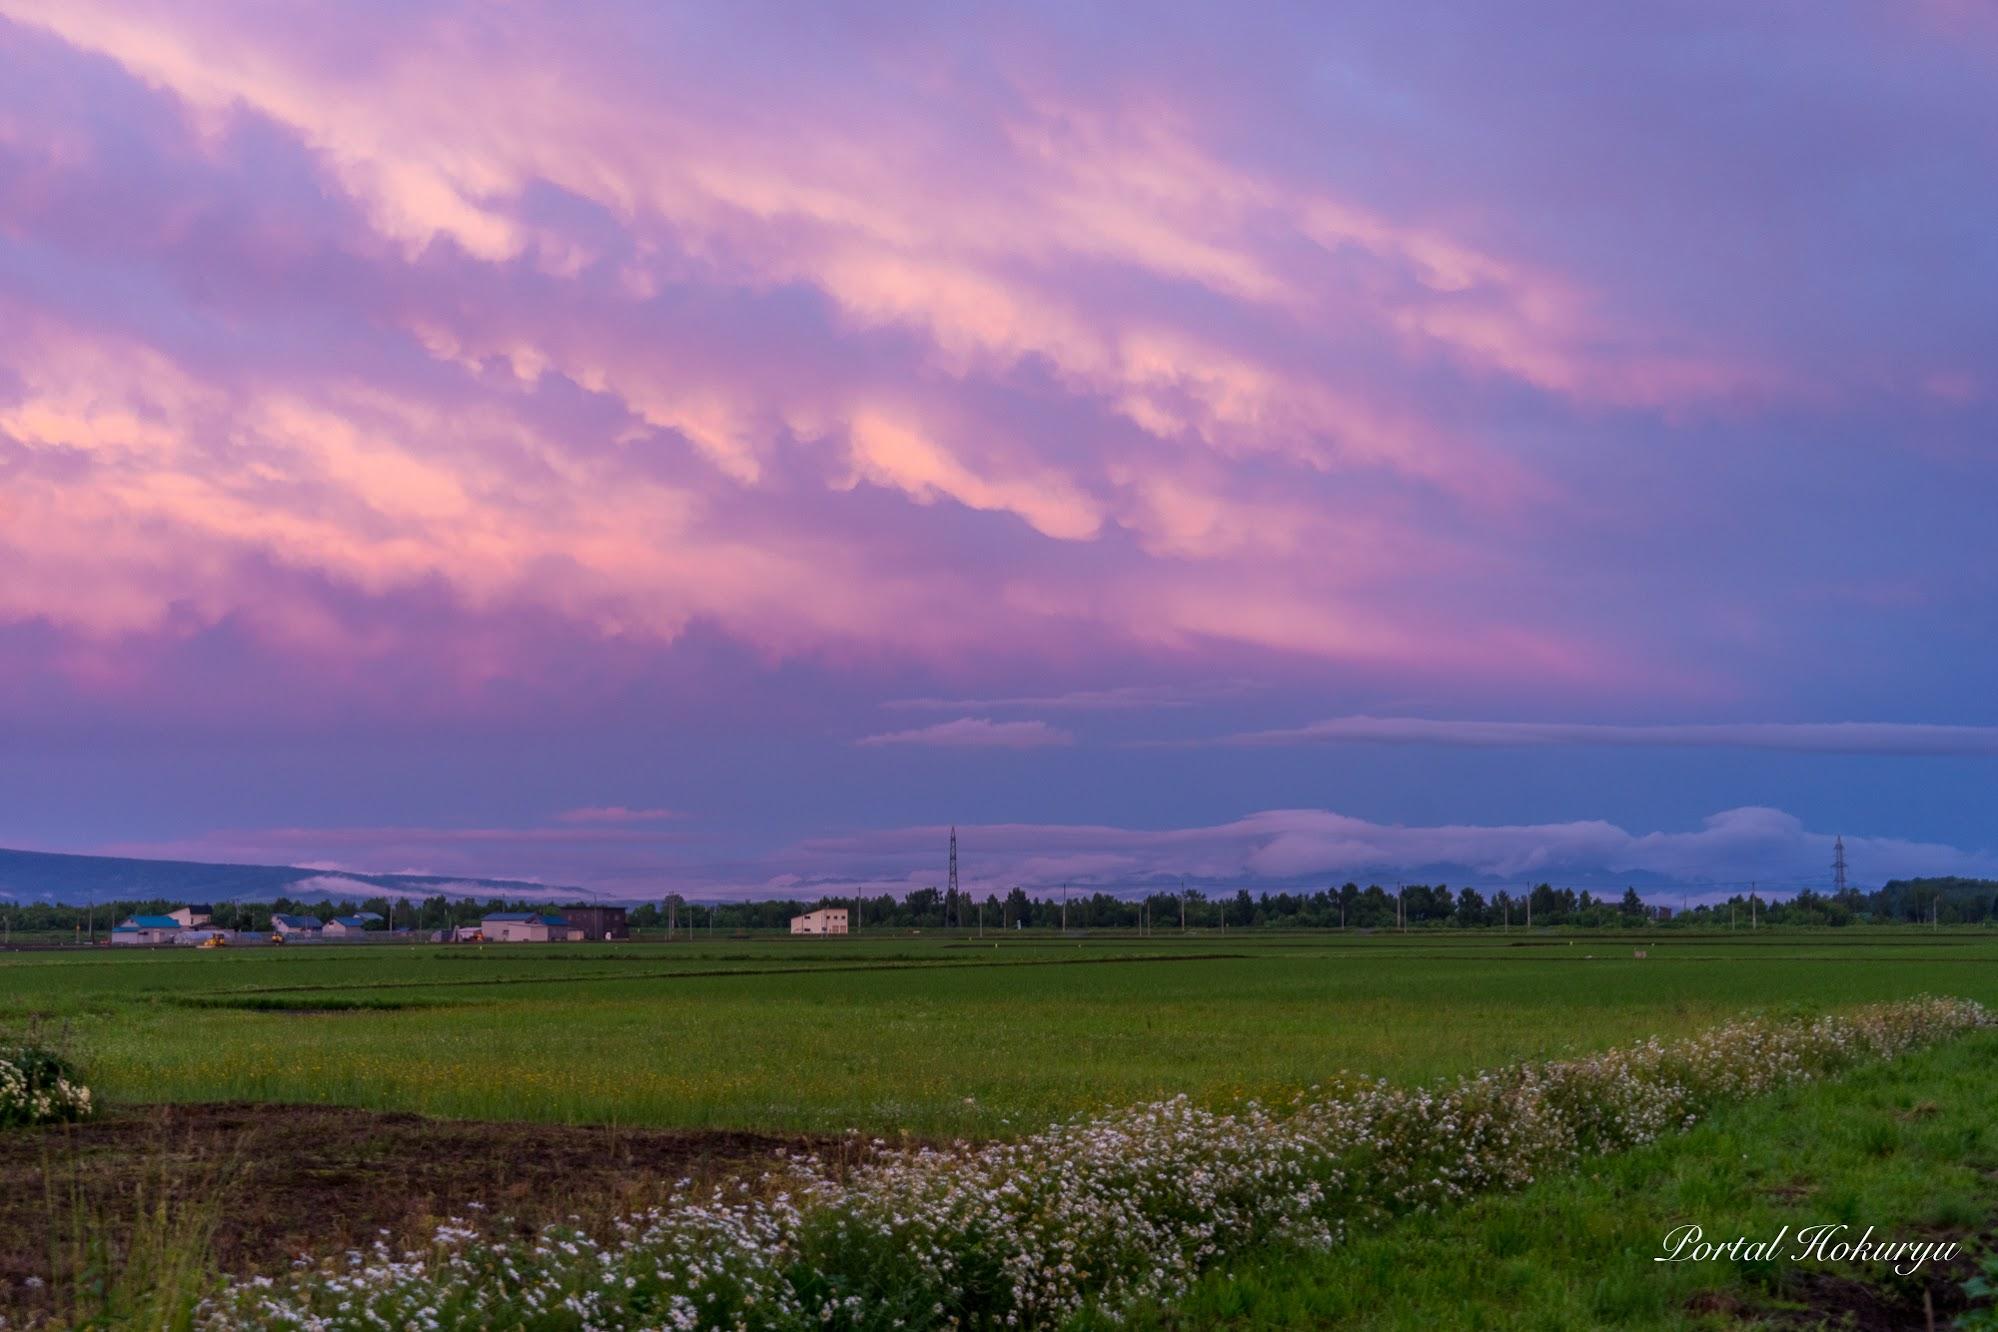 ピンクに滲む夕暮れの空